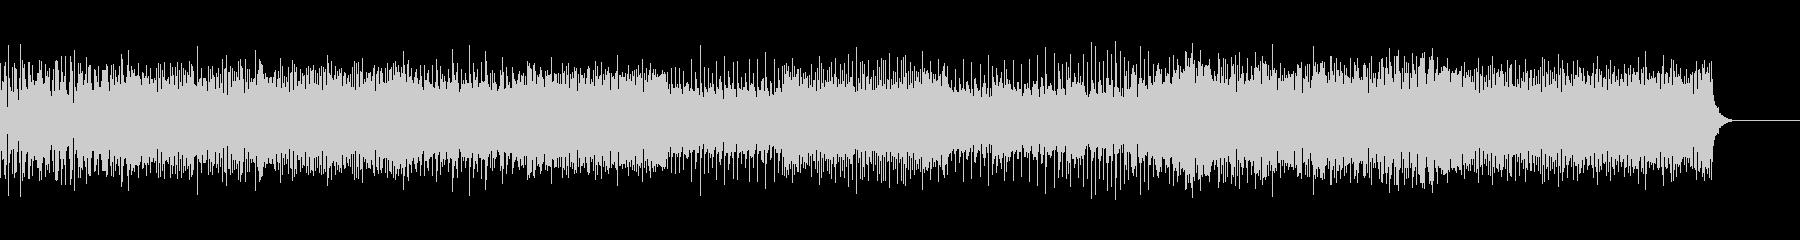 未来感のあるEDMサウンドの未再生の波形